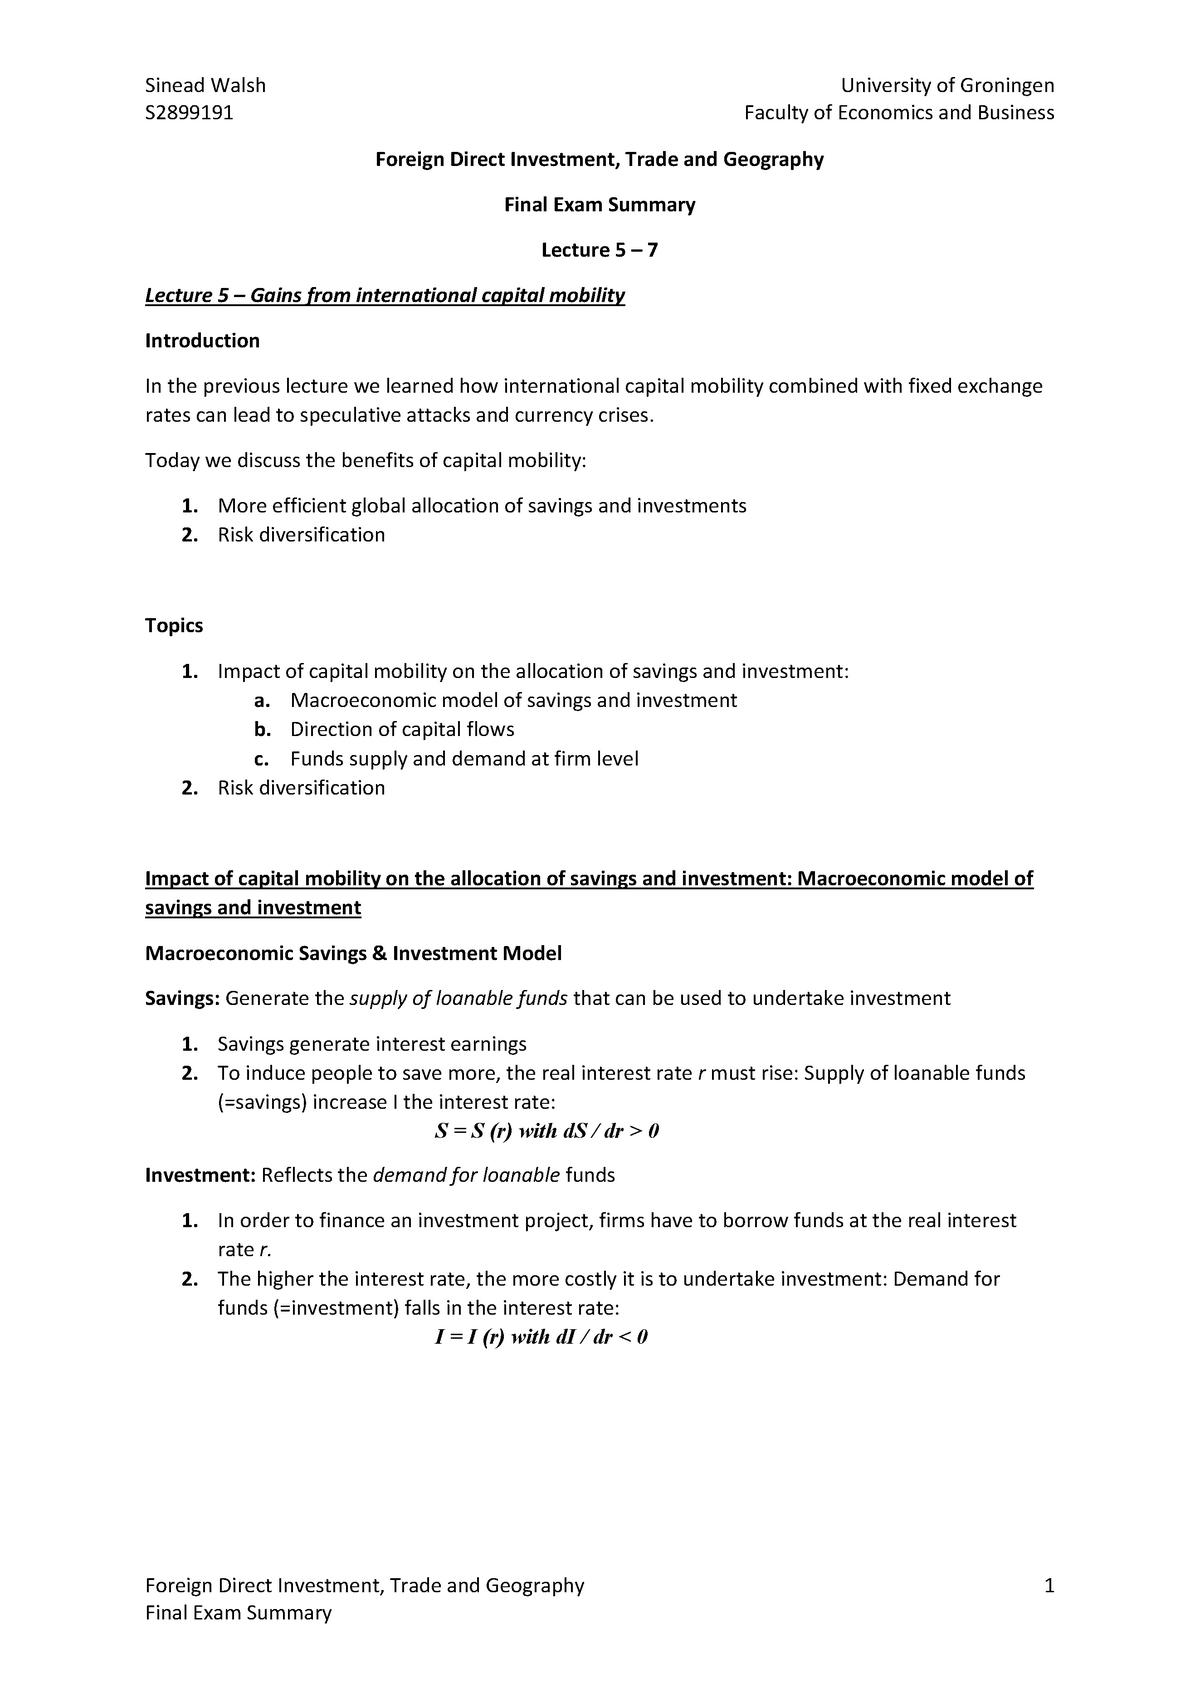 College-aantekeningen, Colleges 5-7 | Foreign Dir